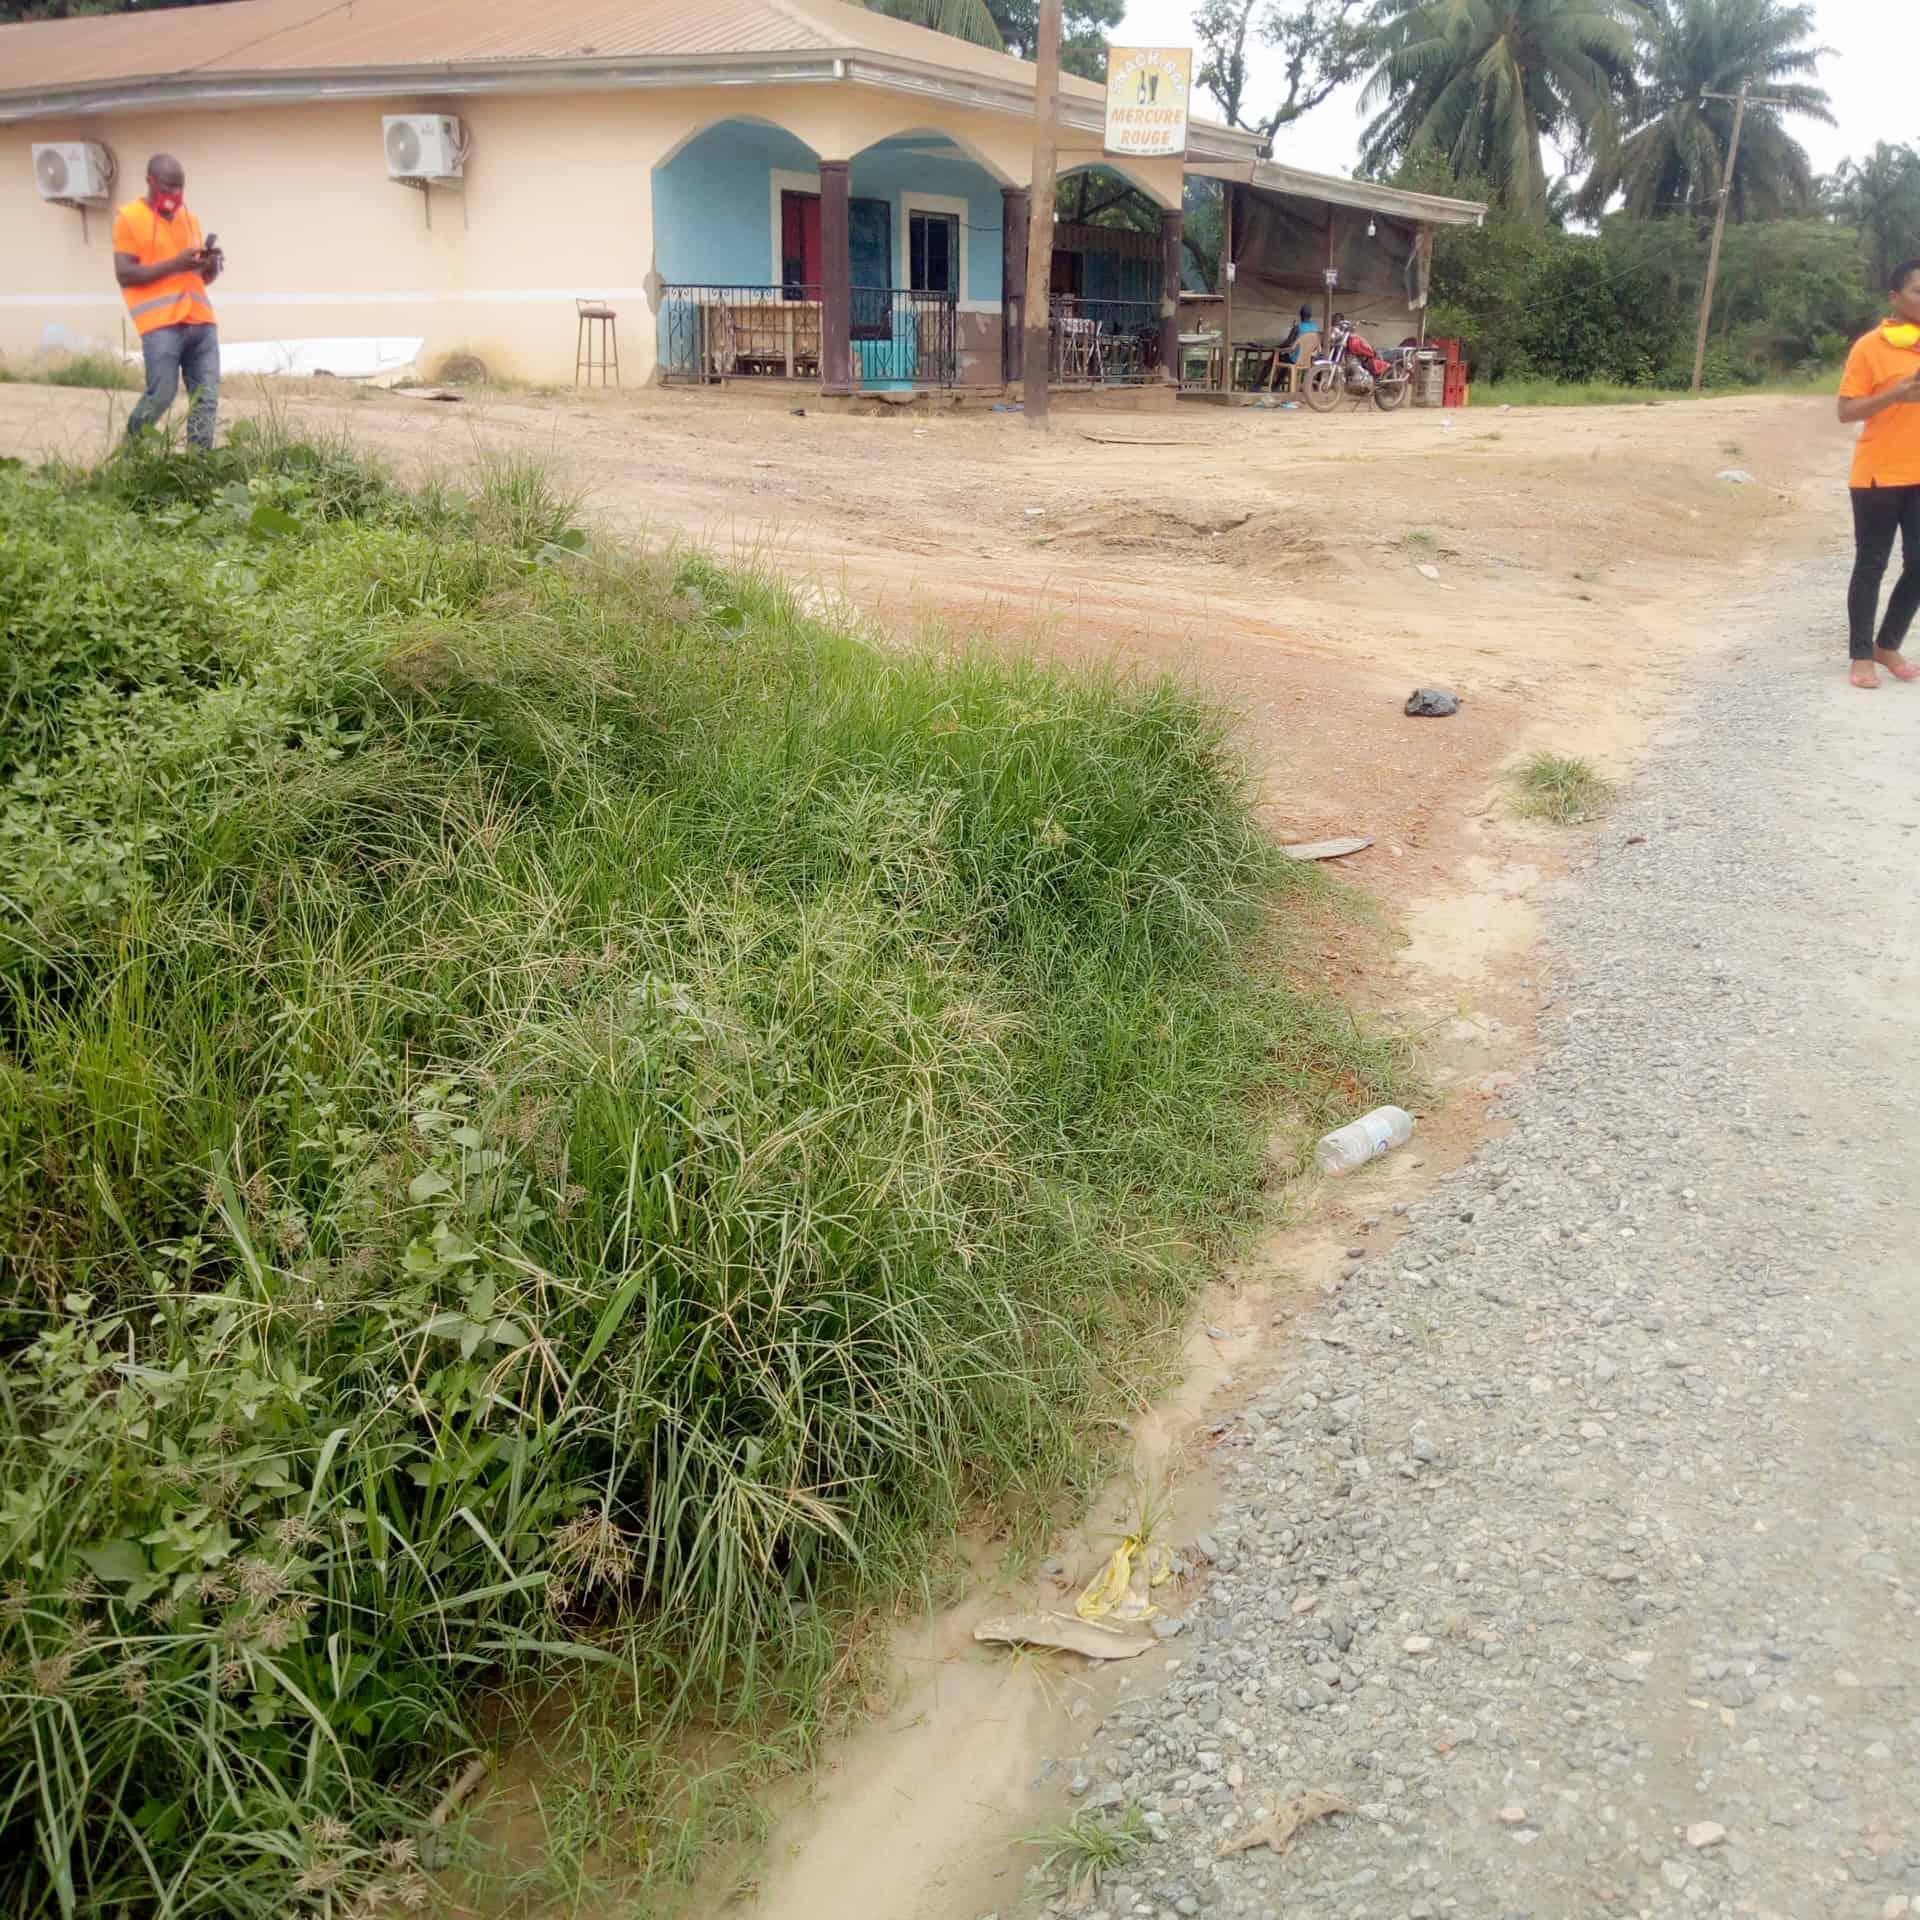 Land for sale at Douala, PK 25, Pk25 pk26 - 1000 m2 - 6 500 000 FCFA